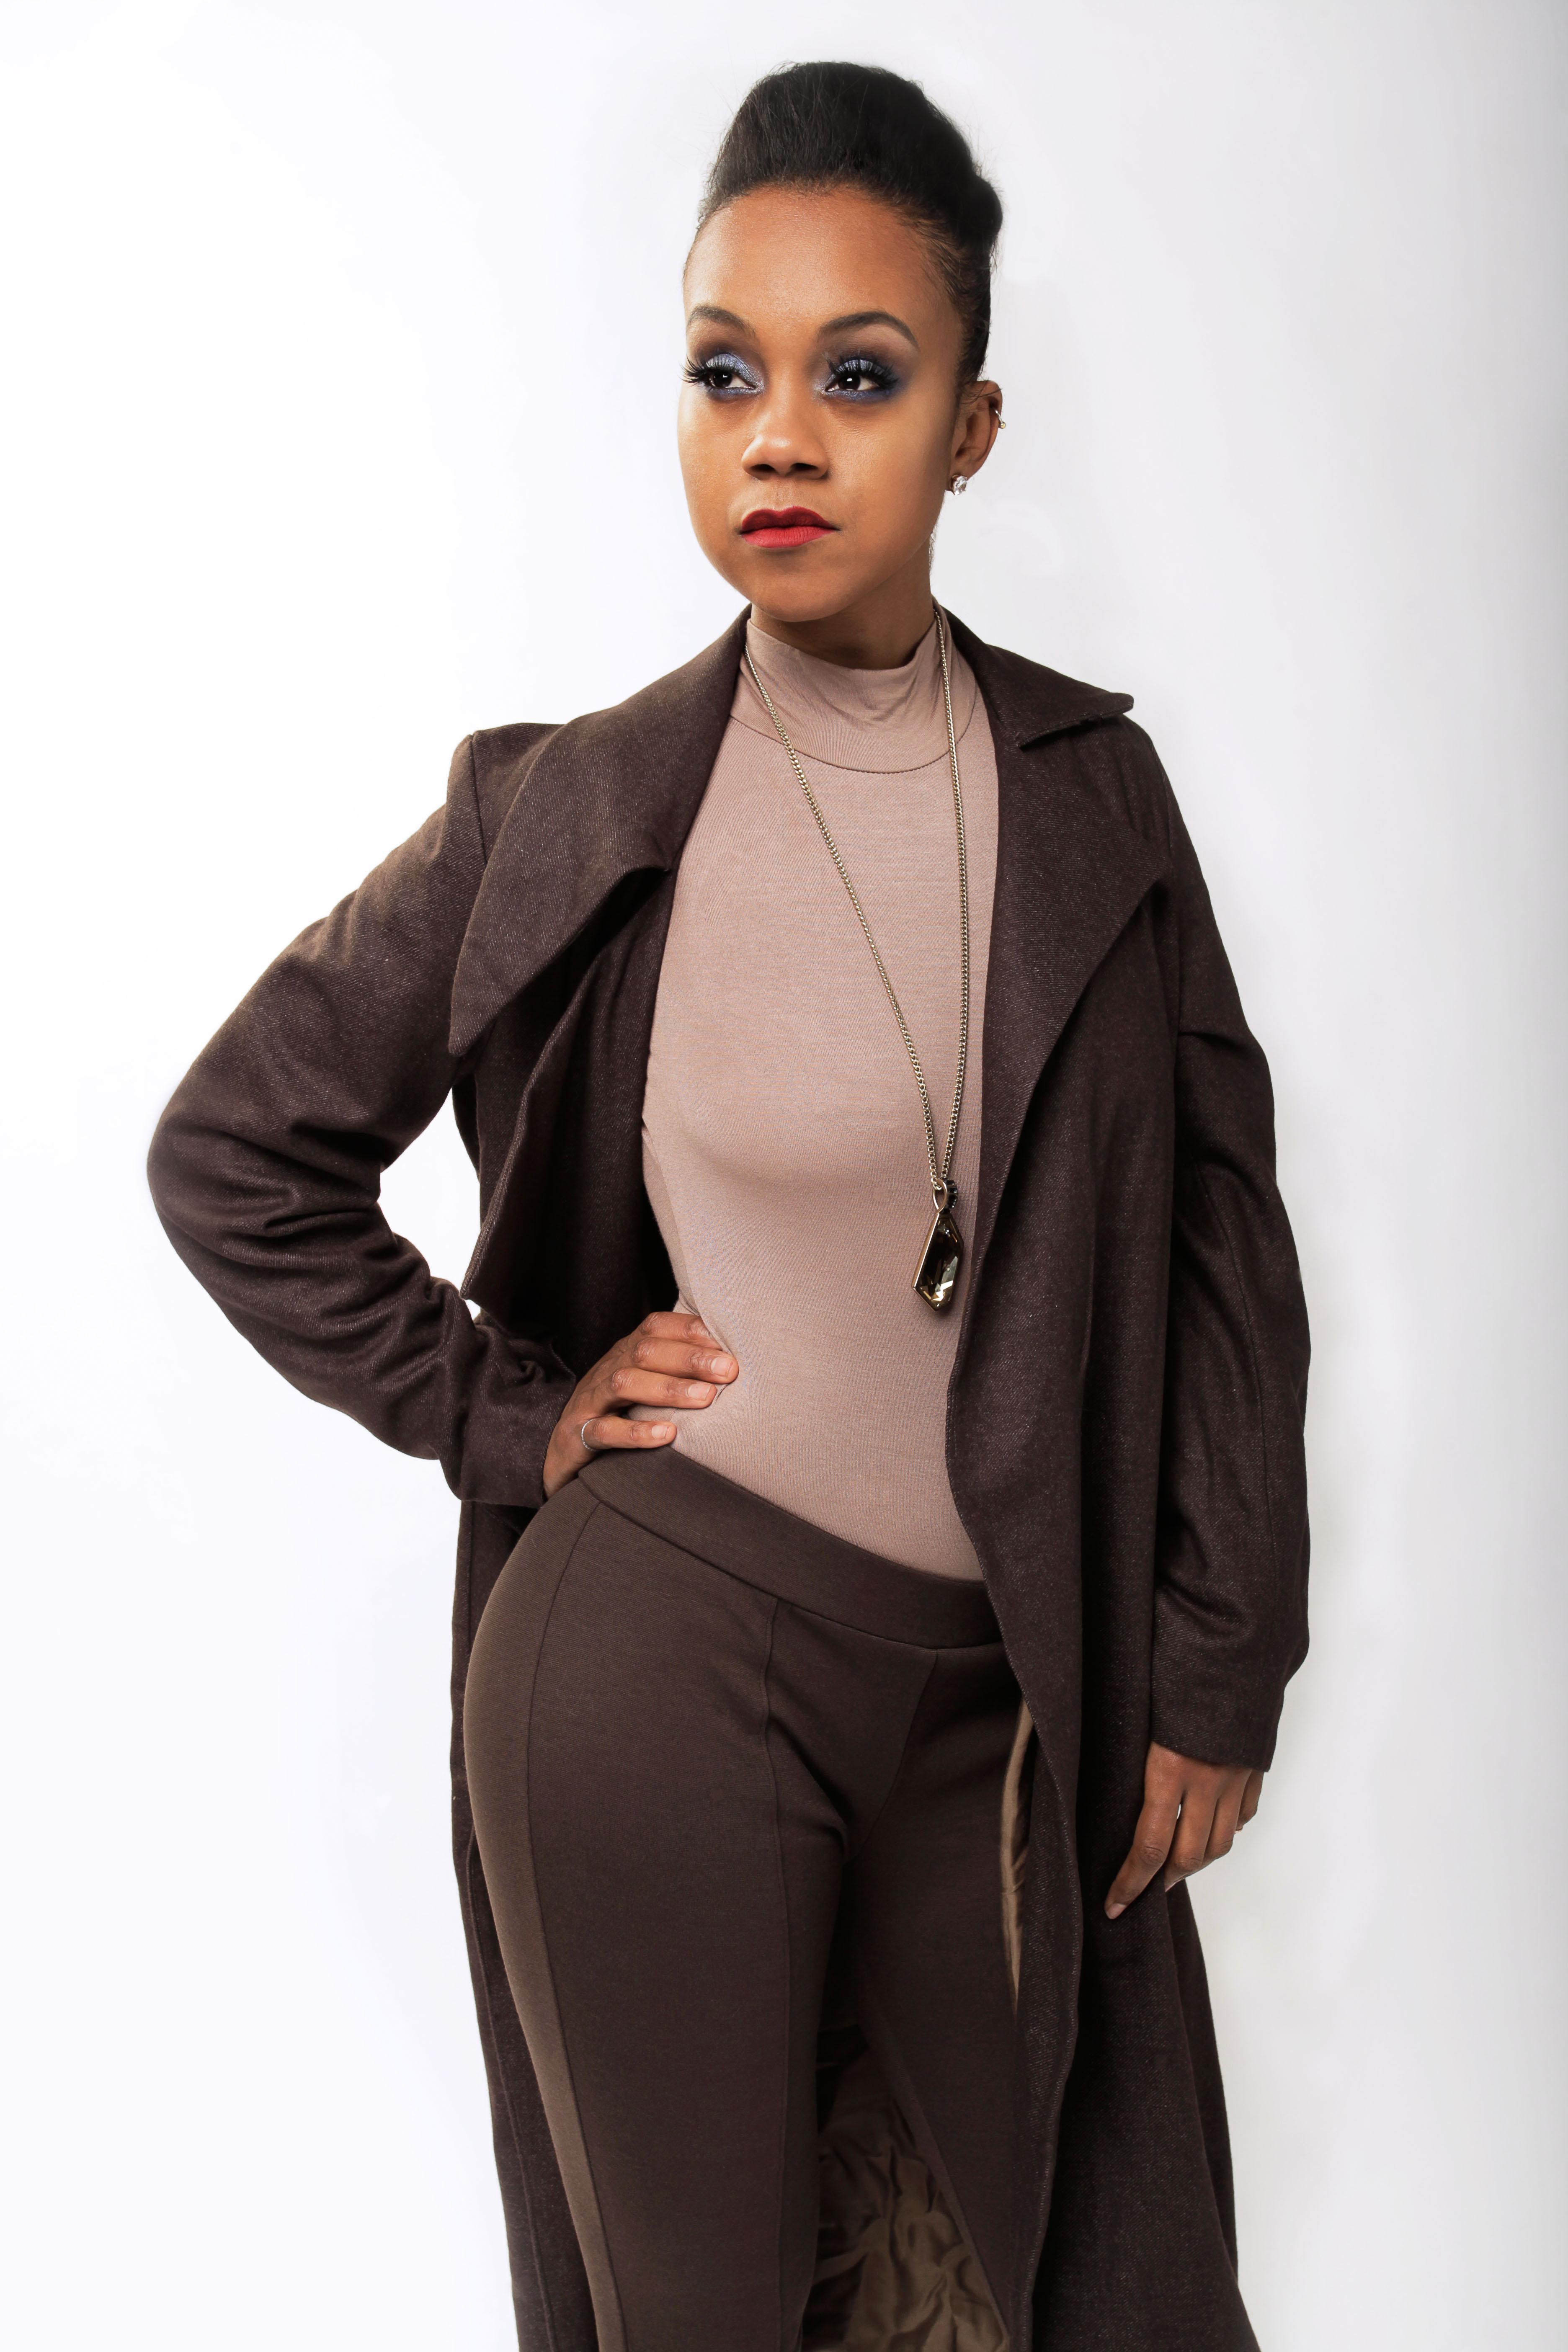 92b74b1f178 Asymmetric tweed coat dress - NdiRitzy